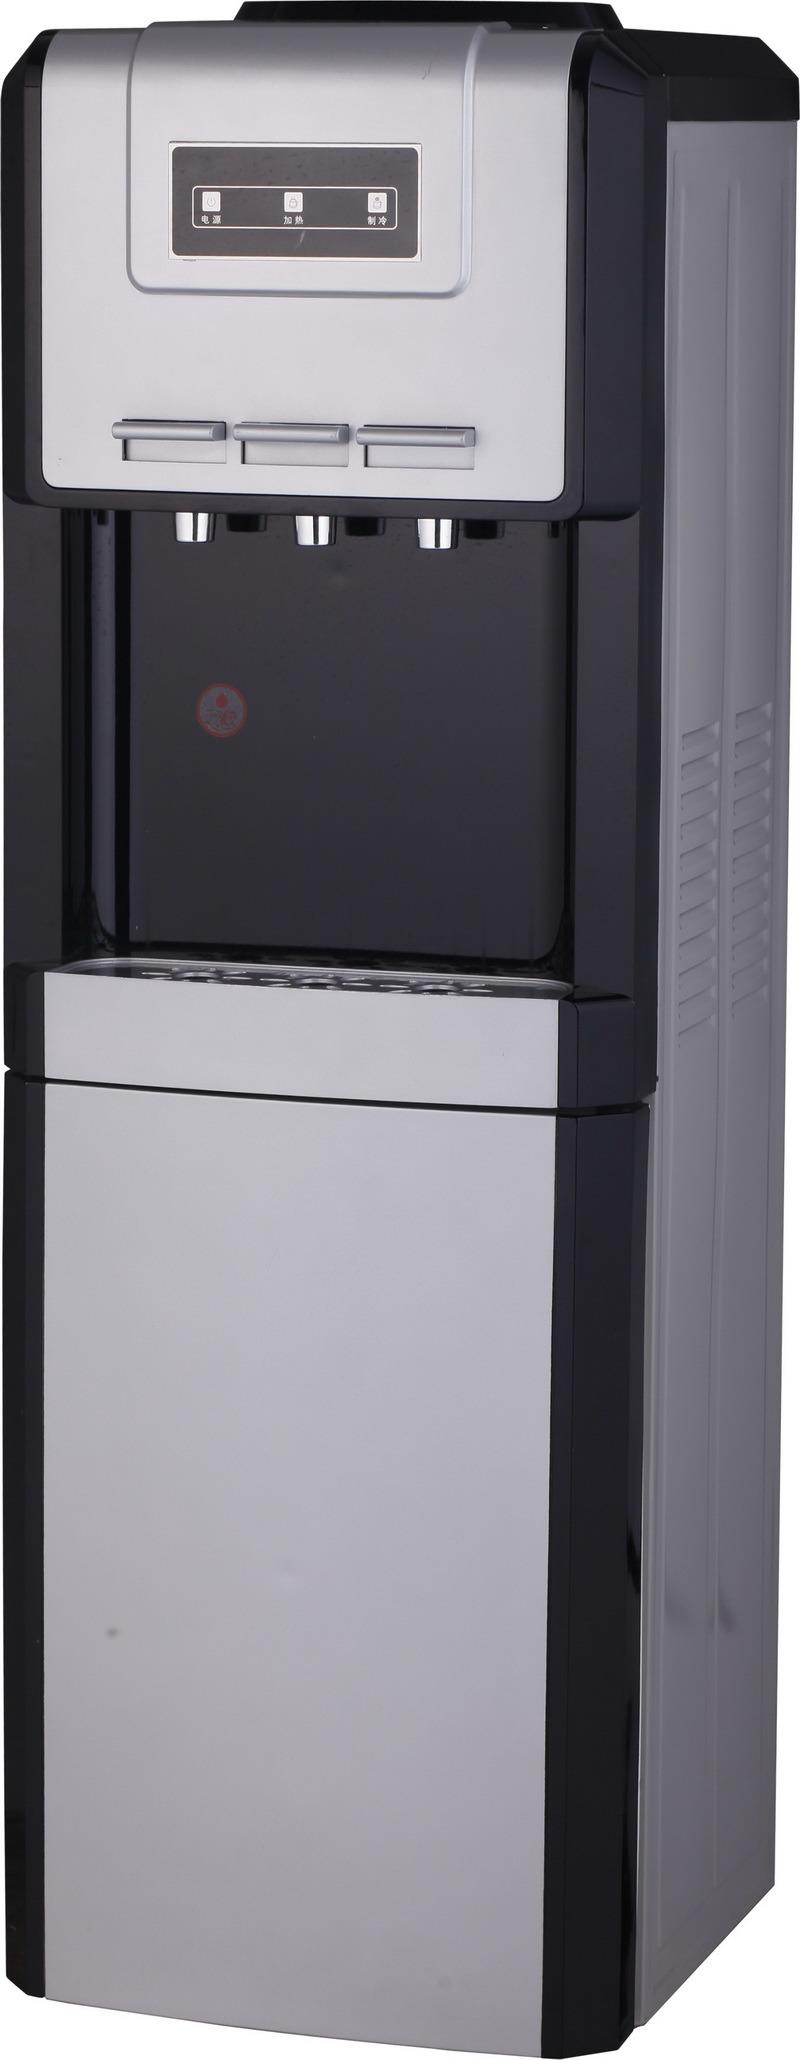 Water Dispenser (XXKL-SLR-82D)